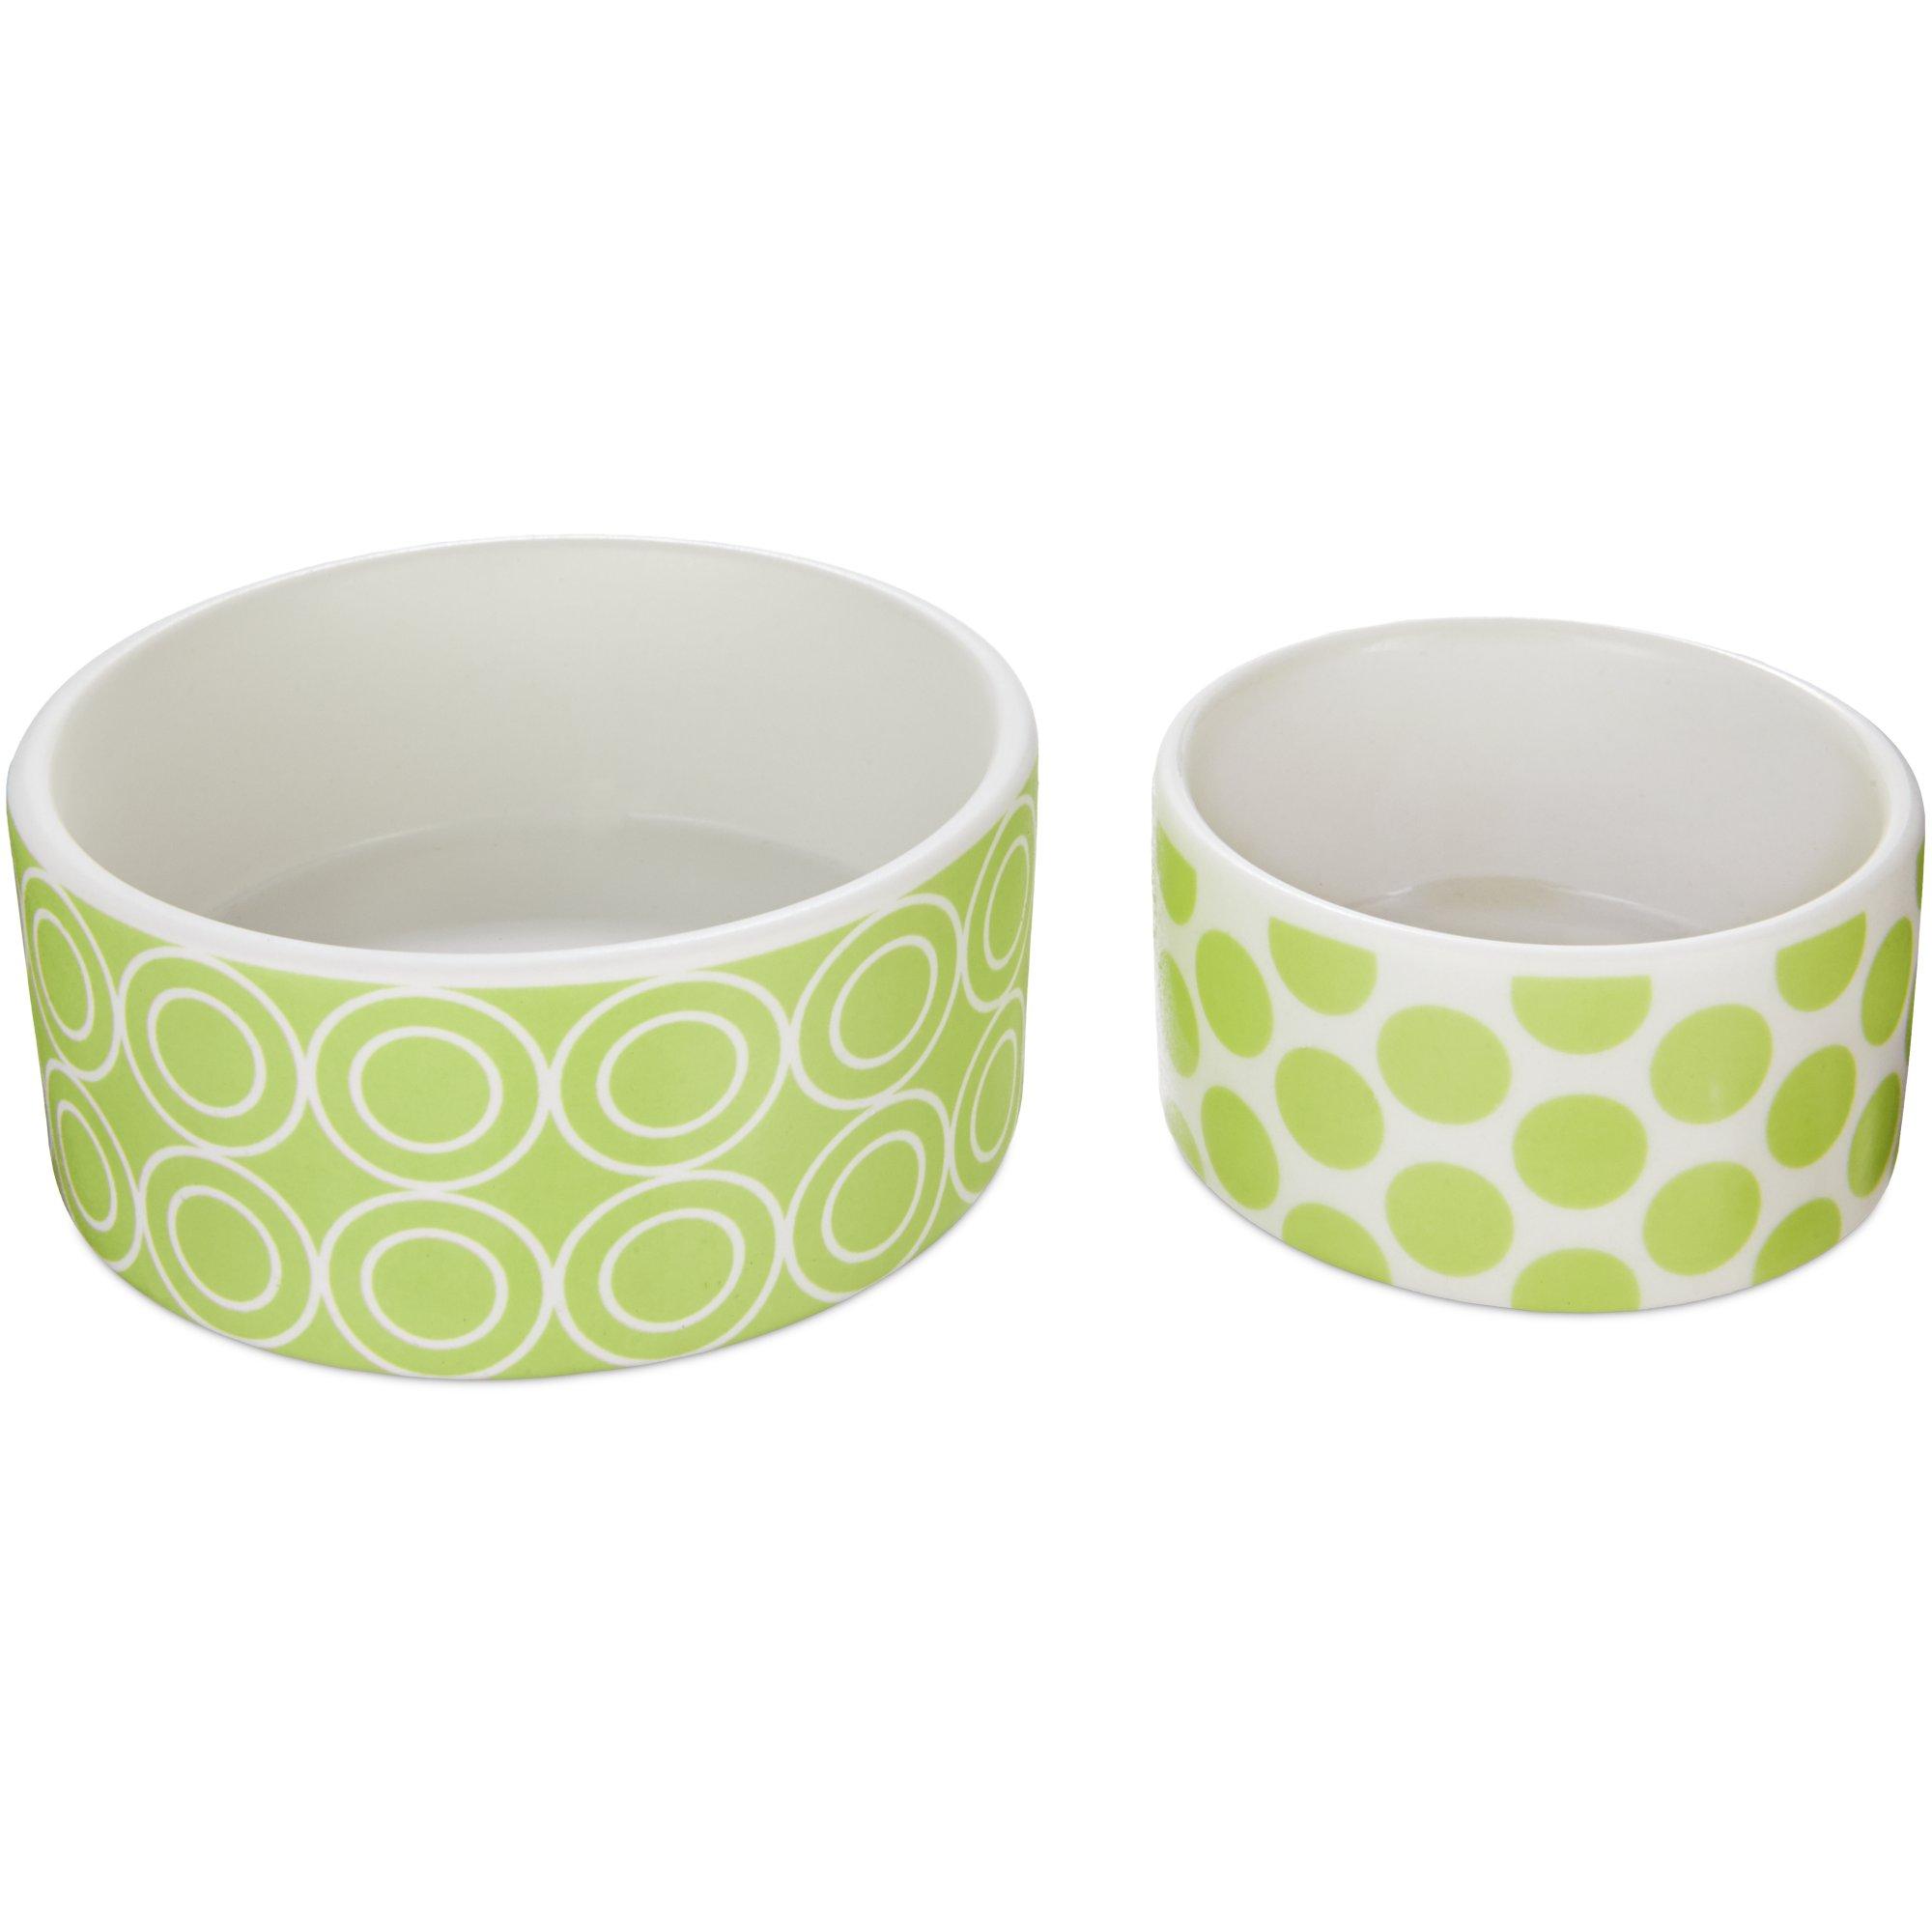 You & Me Ceramic Bowl, 2 Pack